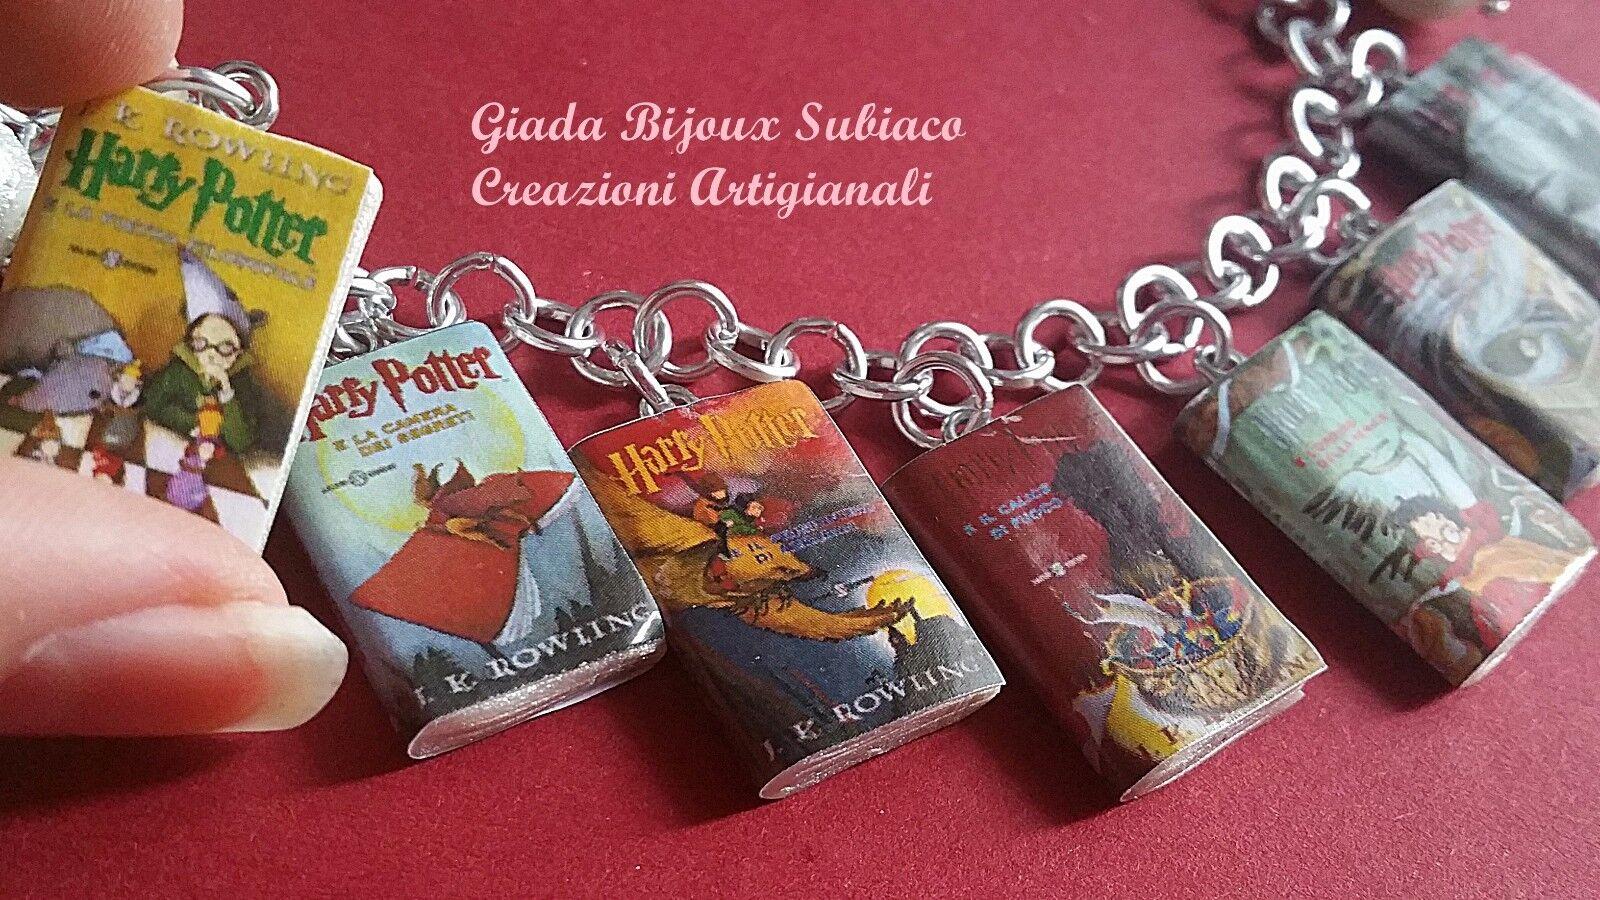 Bracciale artigianale ispirato alla saga di Harry Potter in 7 mini libri